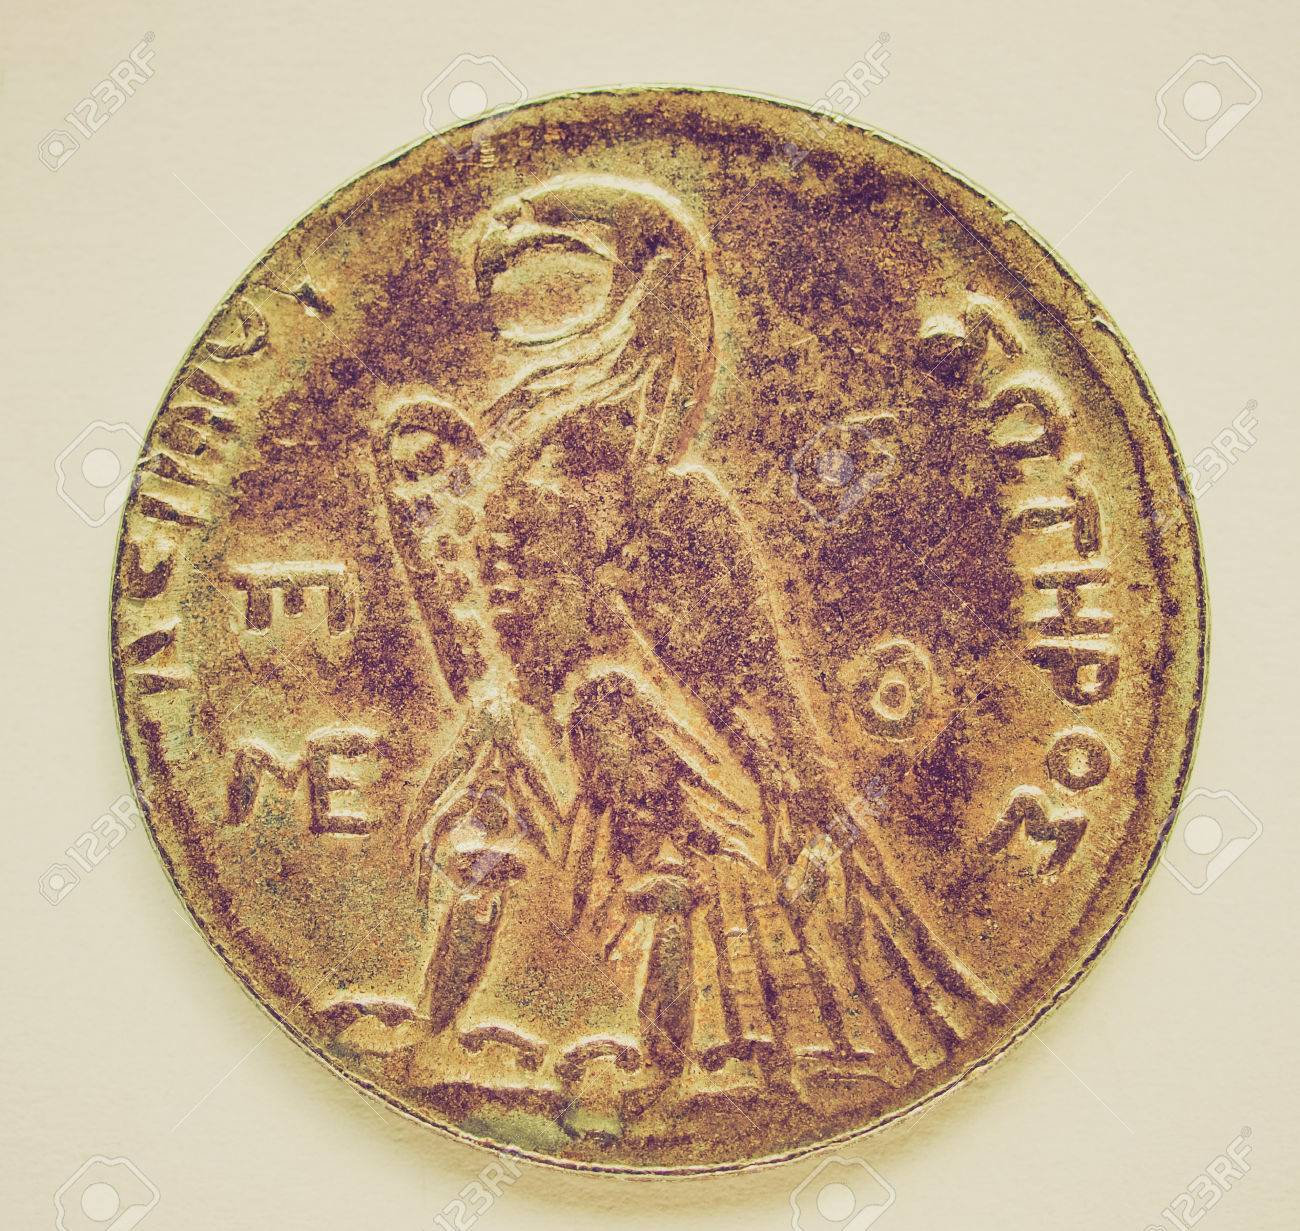 Weinlese Die Antike Griechische Münzen Auf Einem Hellen Hintergrund